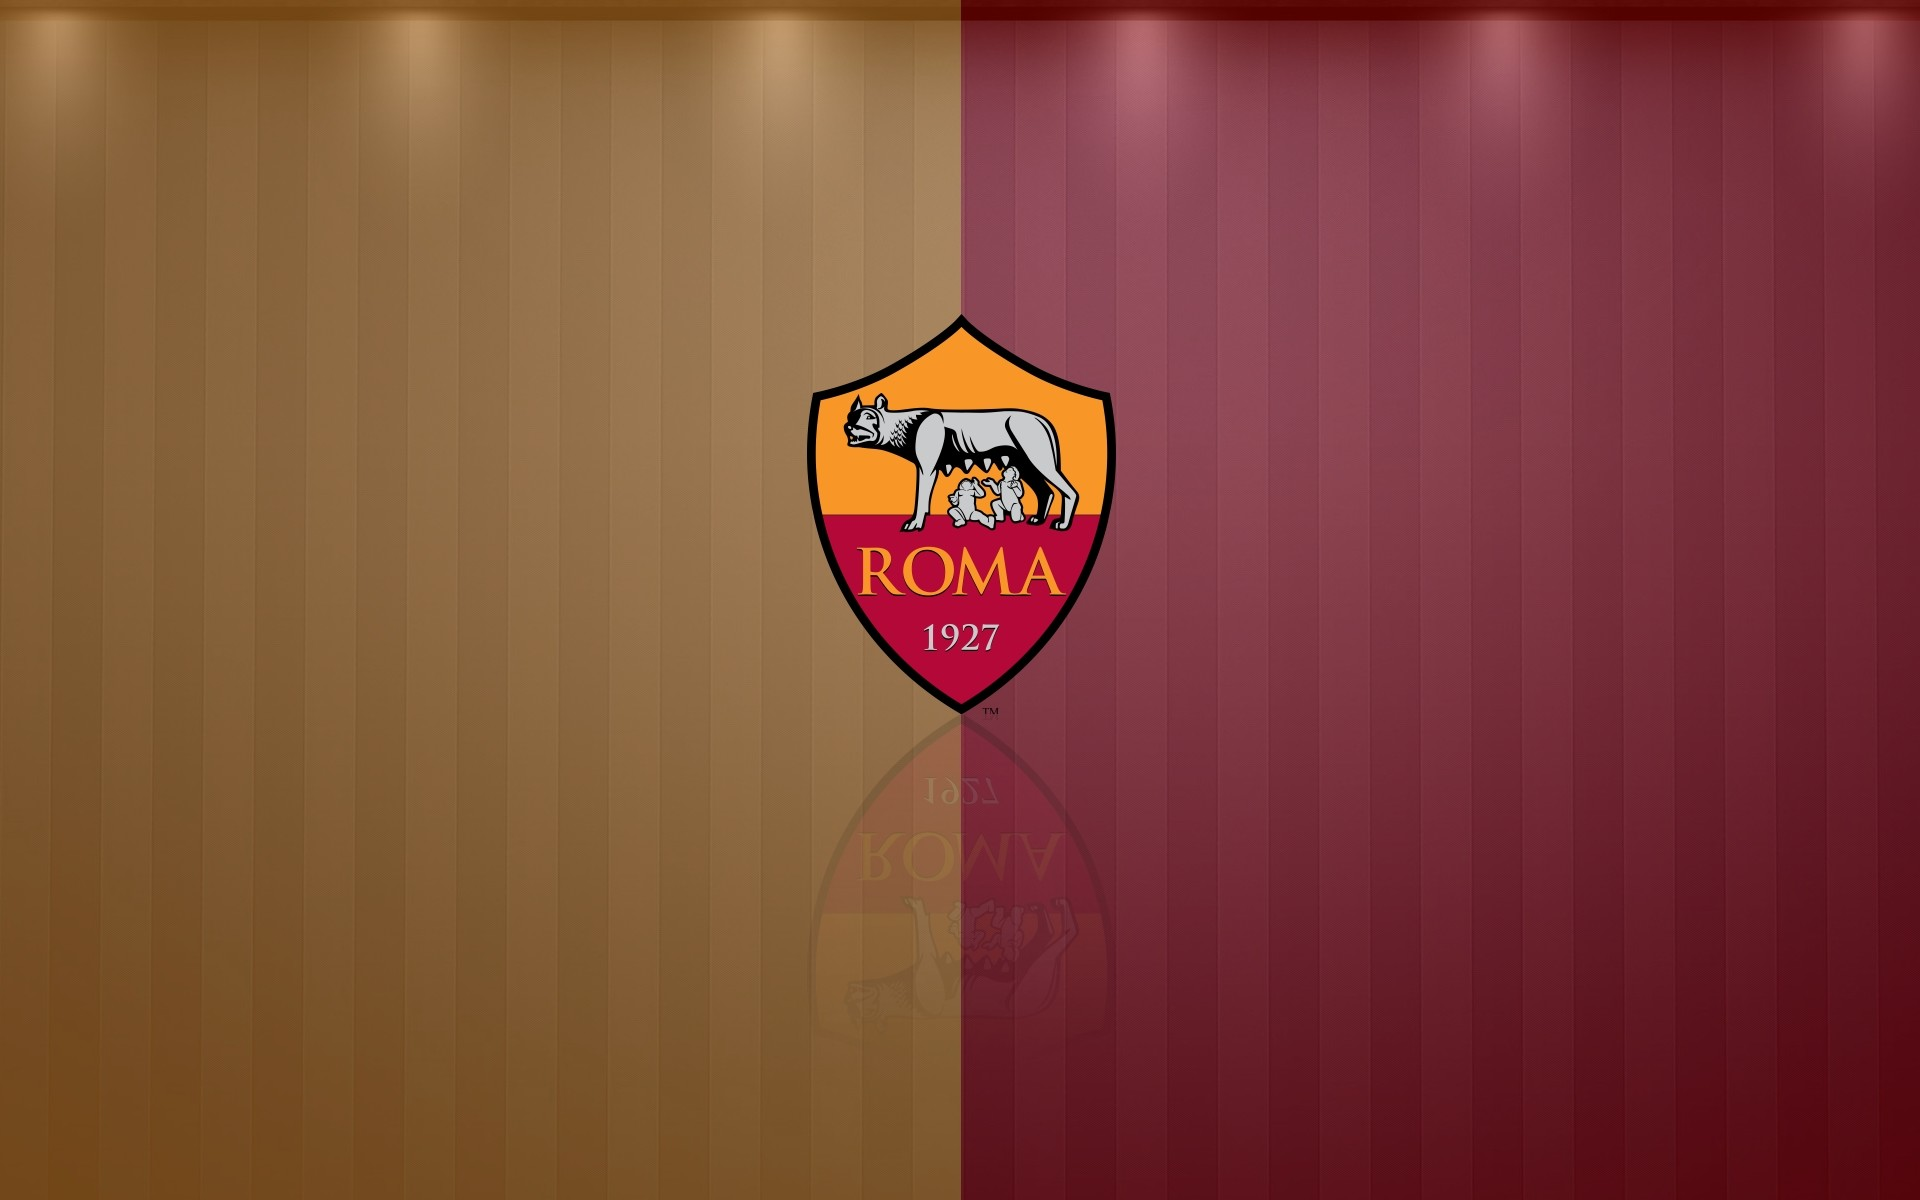 Aggiornamenti / Updates  |As Roma